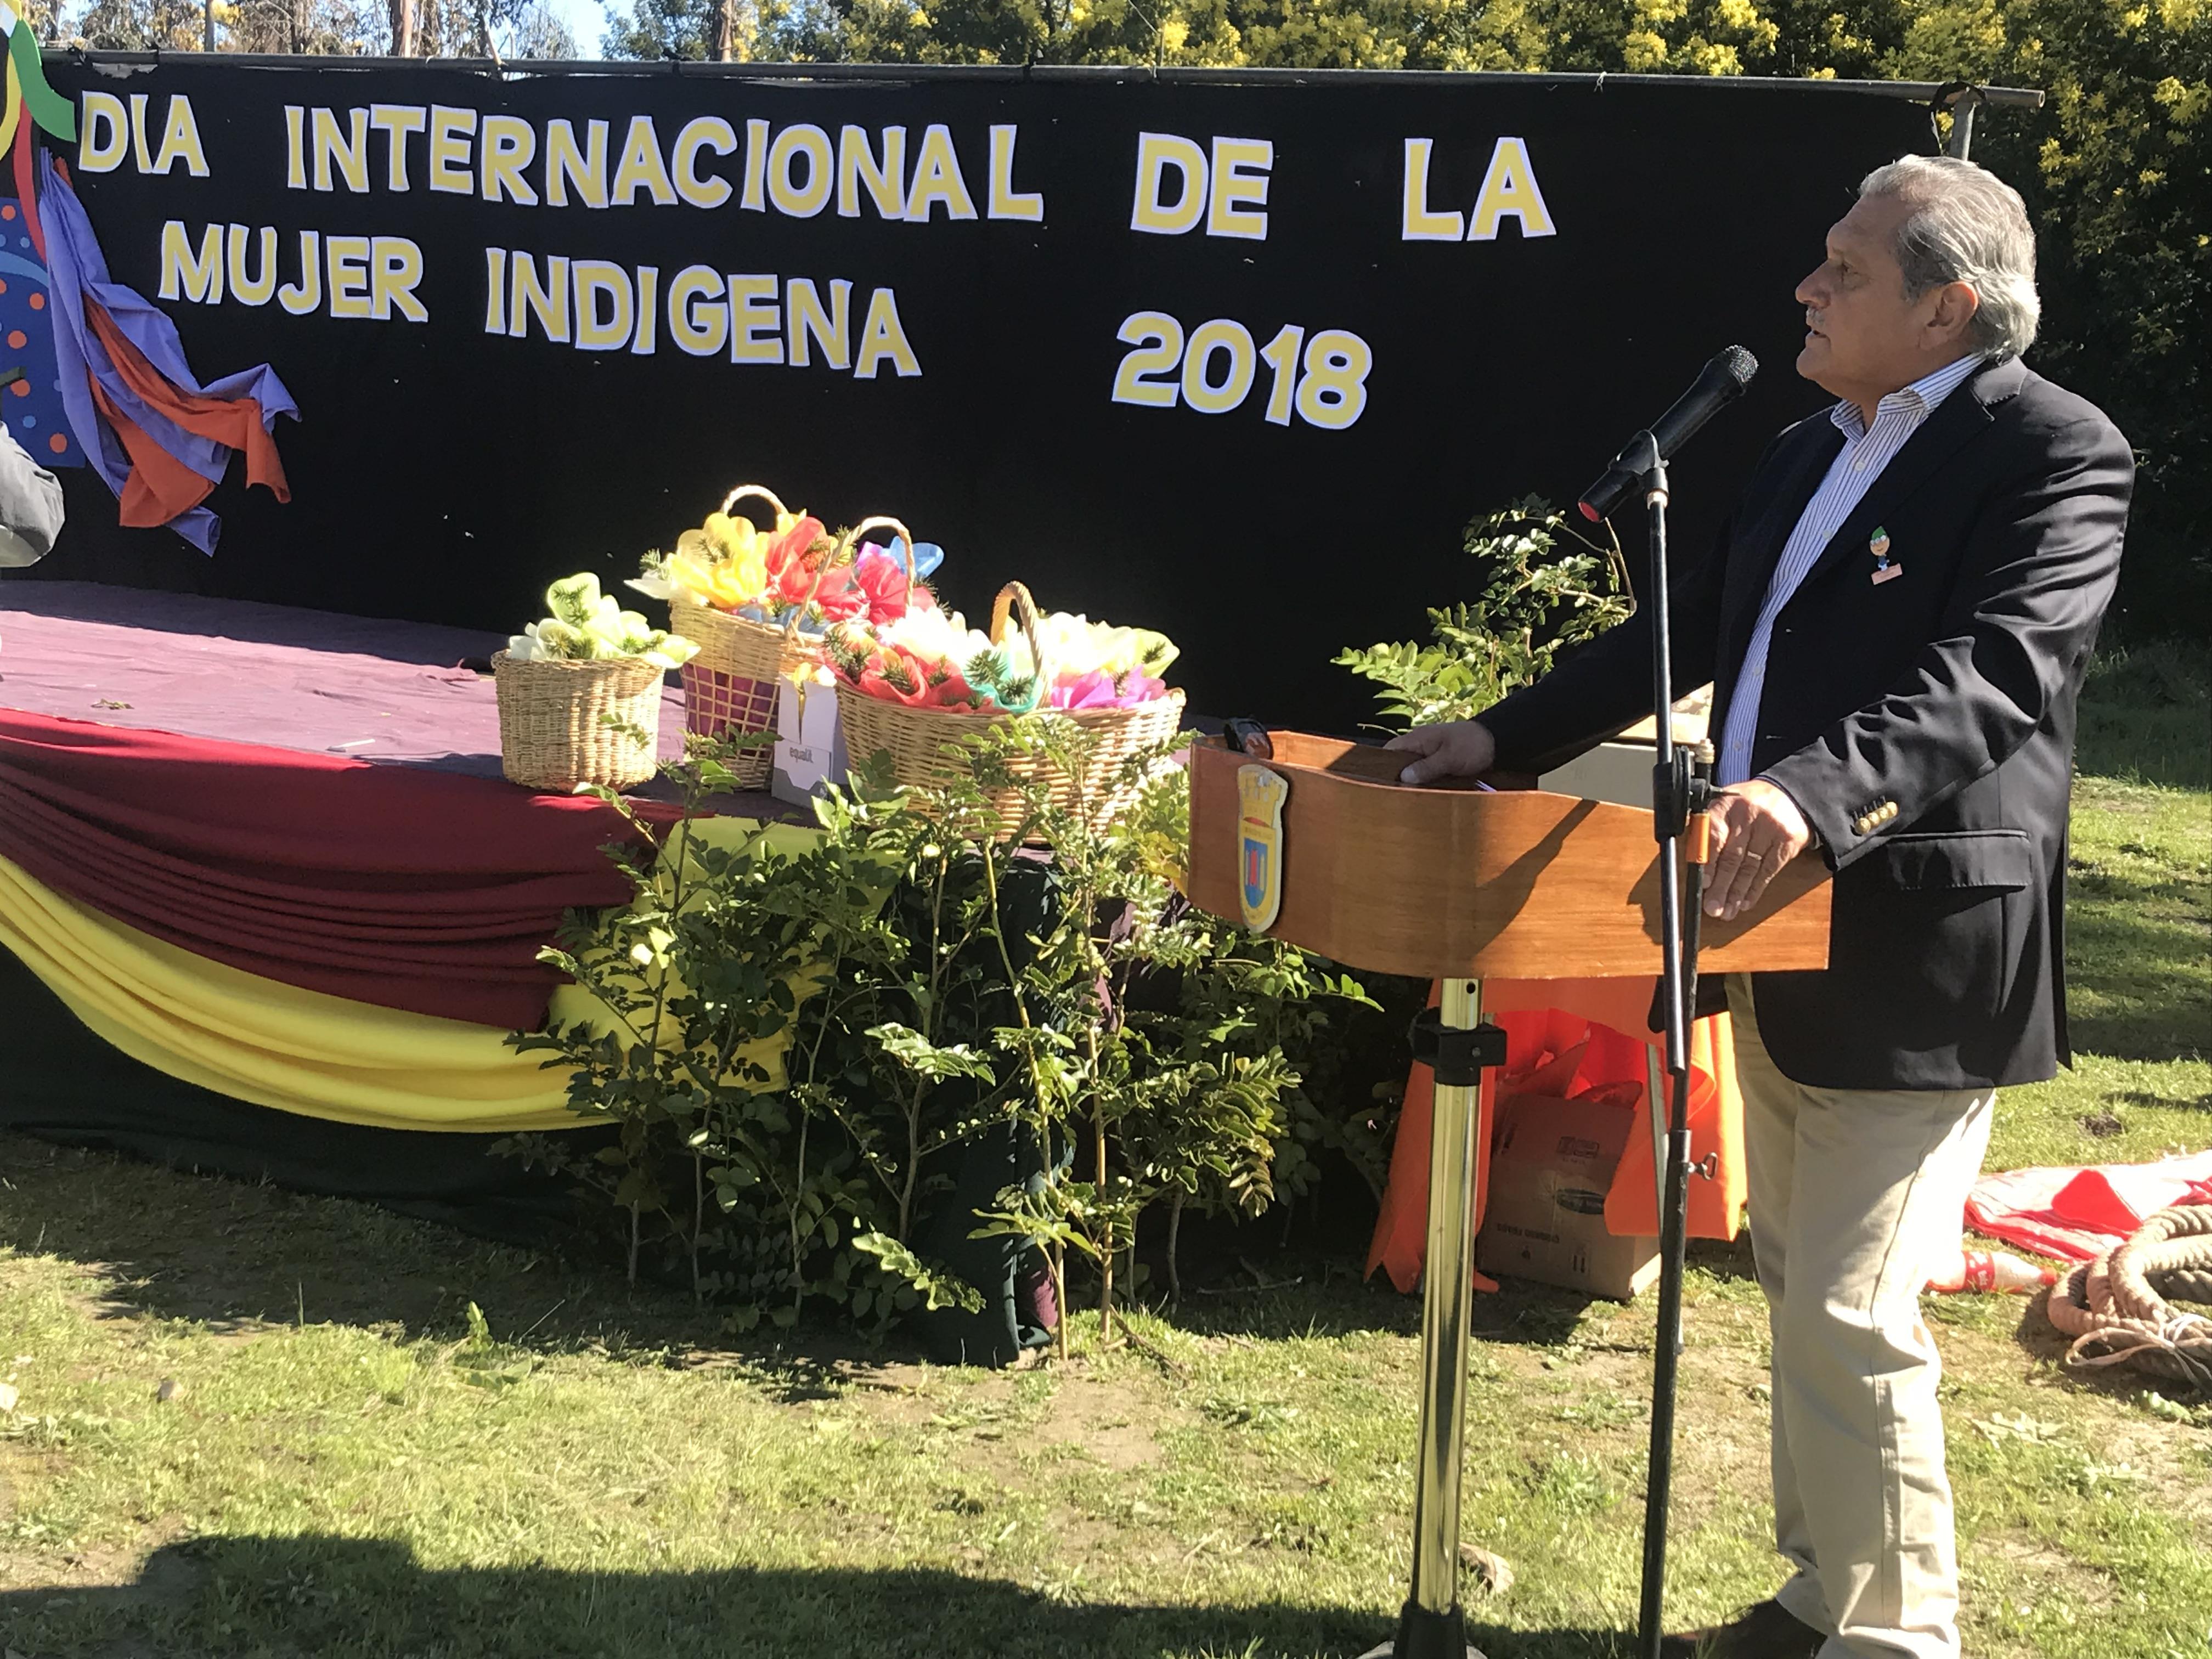 CELEBRACIÓN DEL DÍA INTERNACIONAL DE LA MUJER ÍNDIGENA